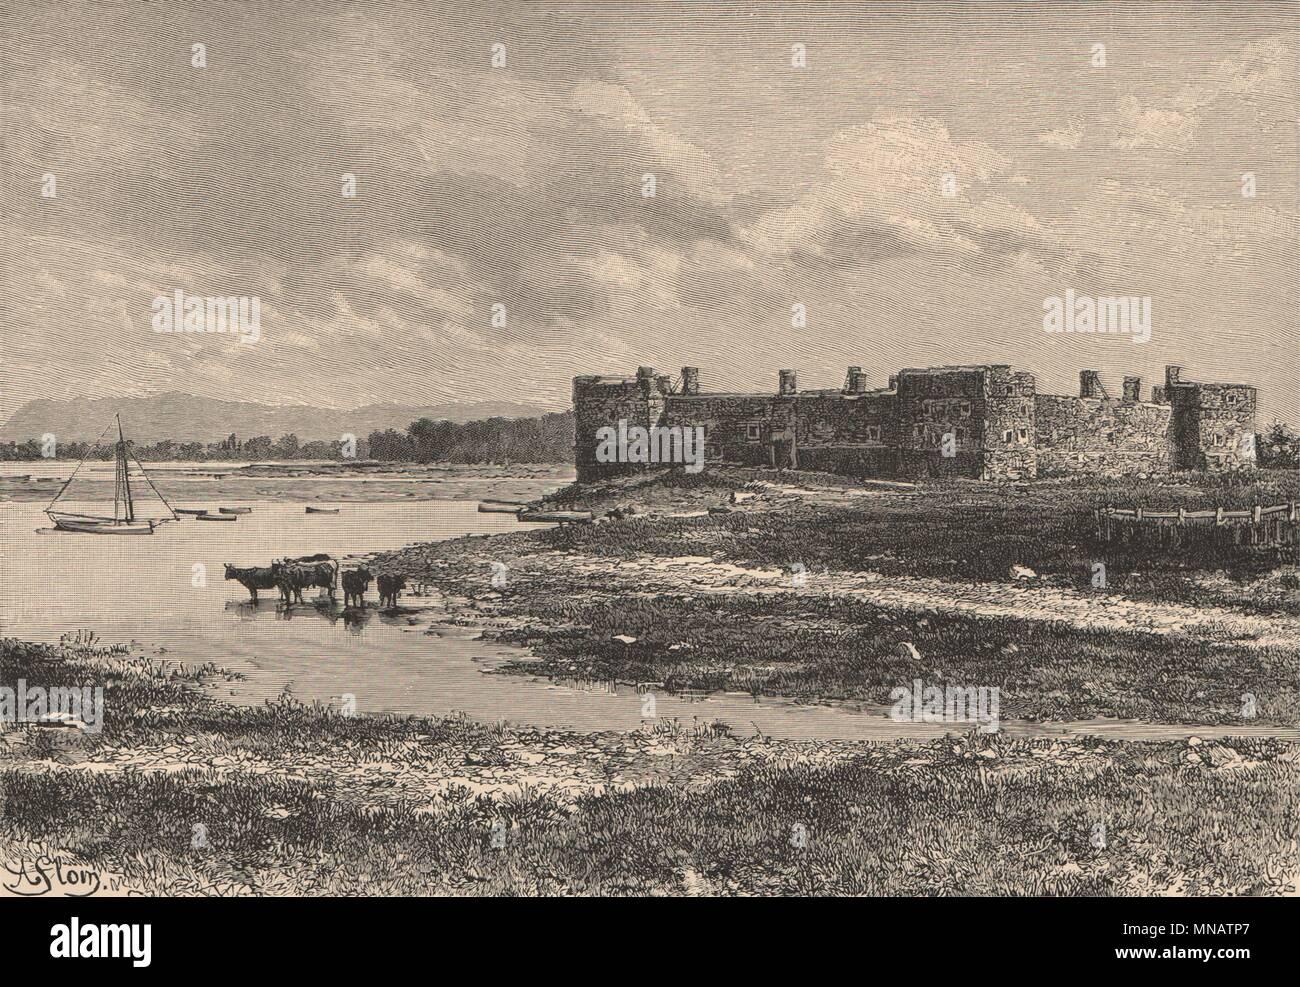 Le Fort Chambly Sur La Riviere Richelieu Pres De Montreal Quebec Canada 1885 Imprimer Photo Stock Alamy